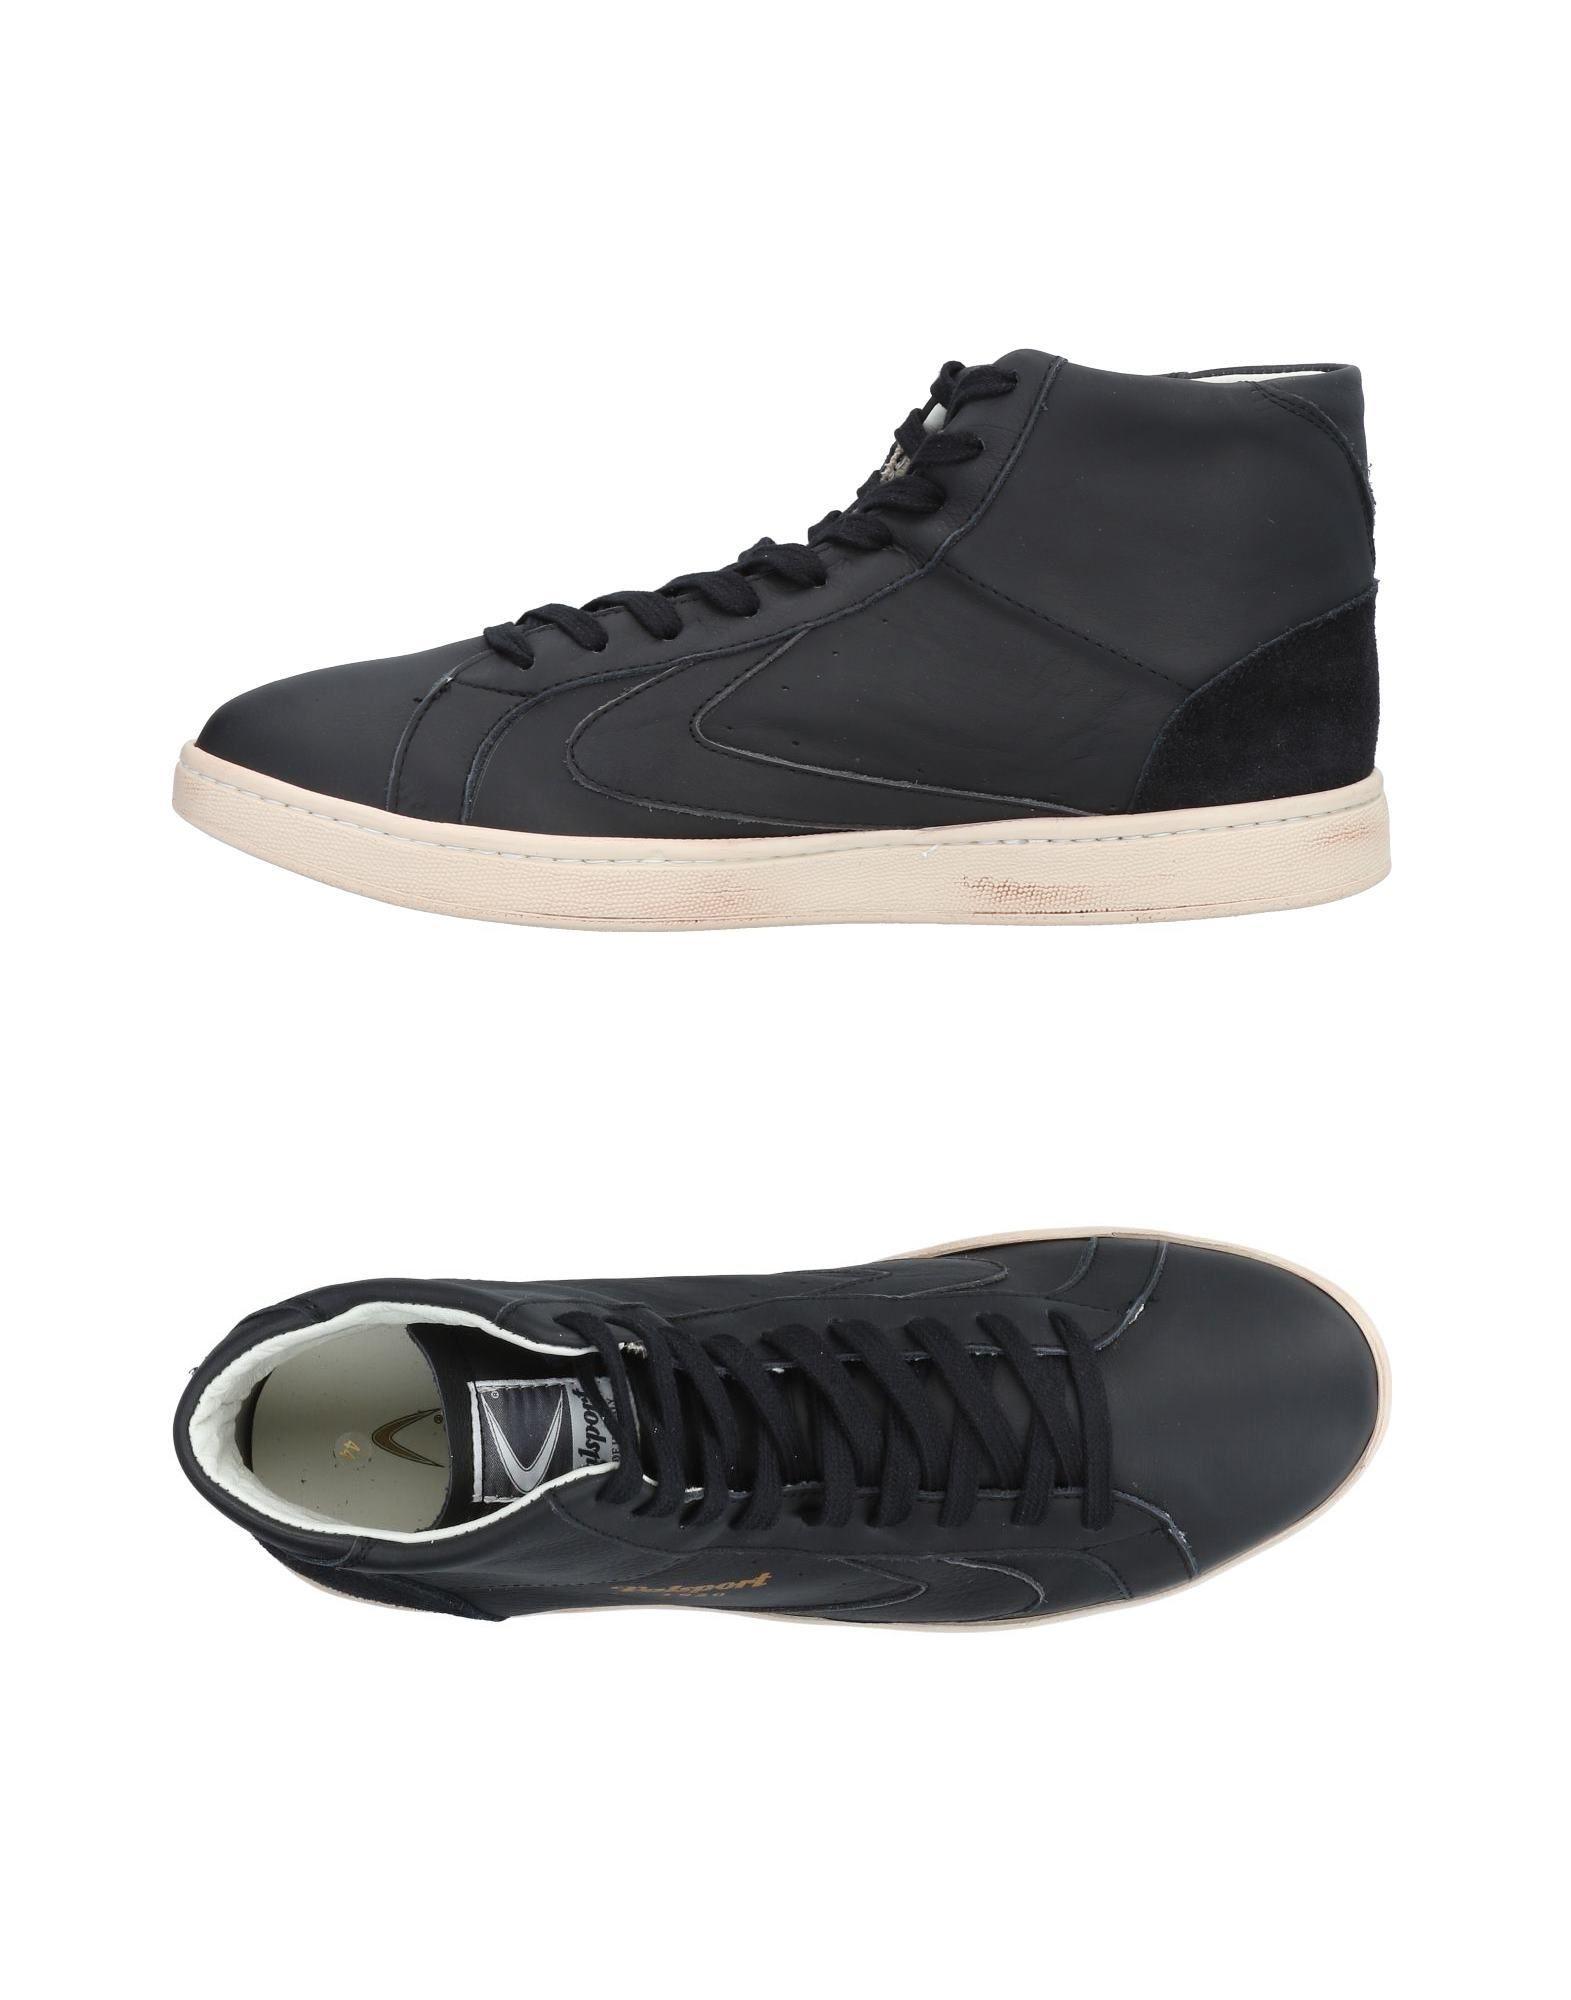 Scarpe economiche e resistenti Sneakers Valsport Uomo - 11474925LA